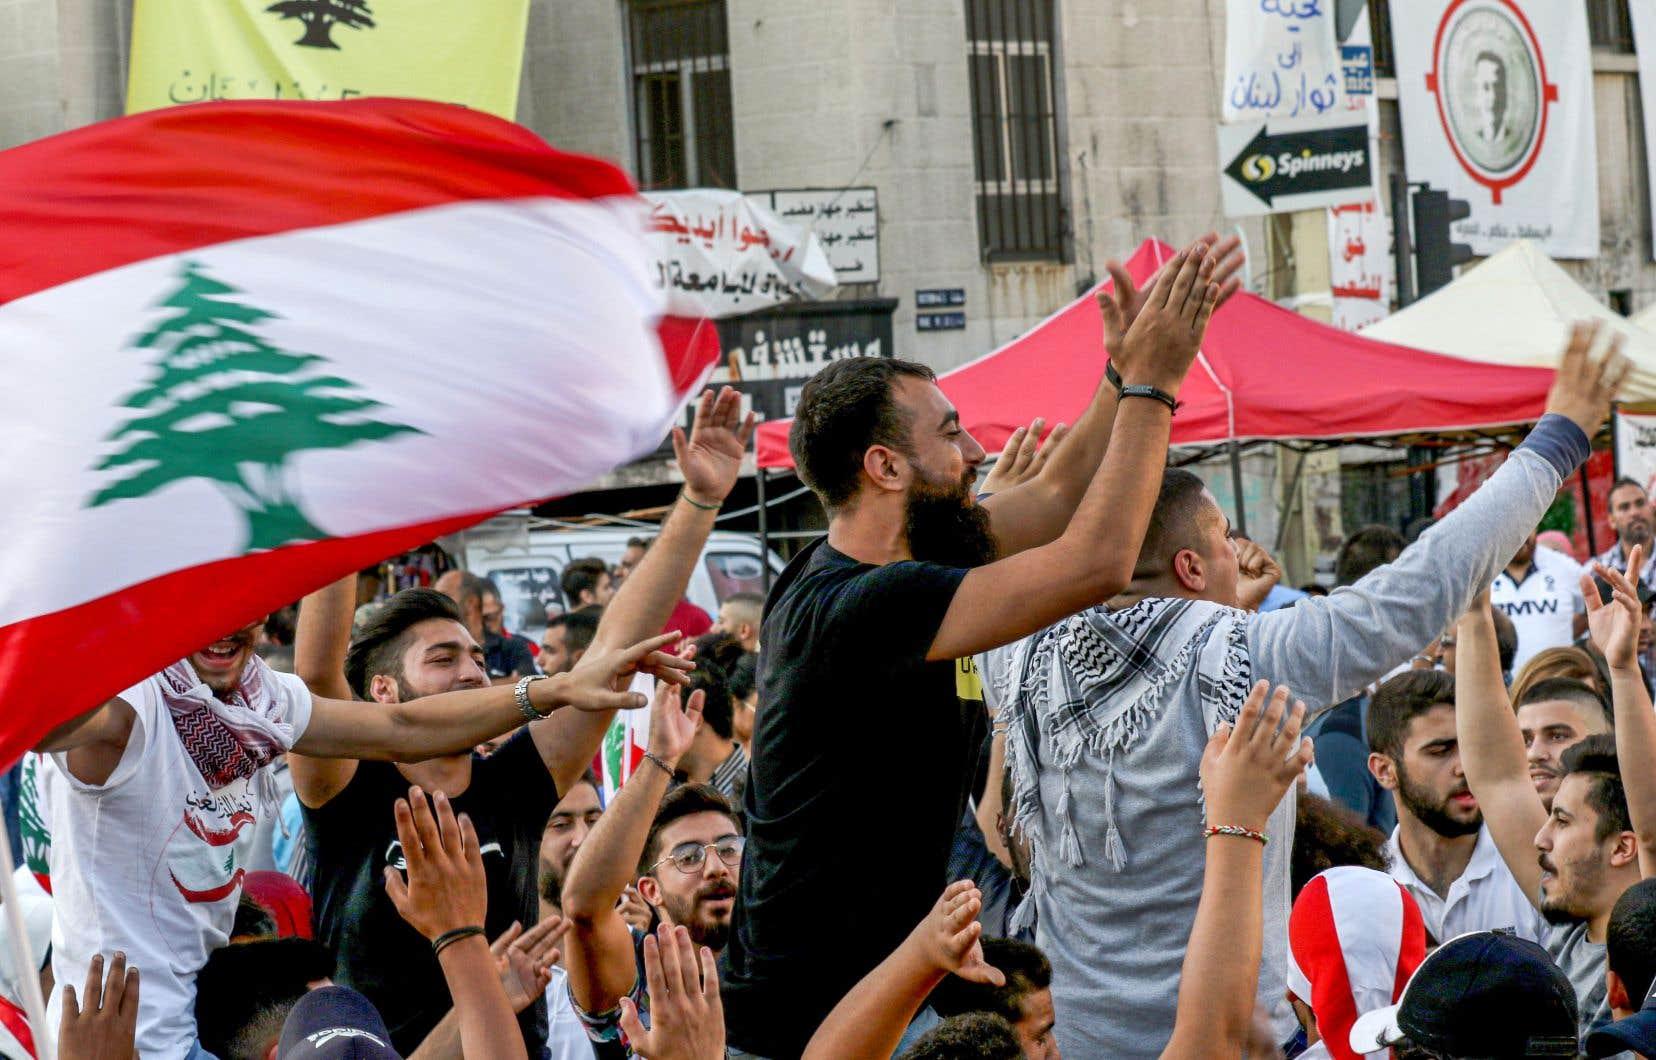 Le premier ministre Saad Hariri a démissionné au 13e jour d'une révolte populaire inédite contre une classe politique accusée d'avoir laissé sombrer le pays.